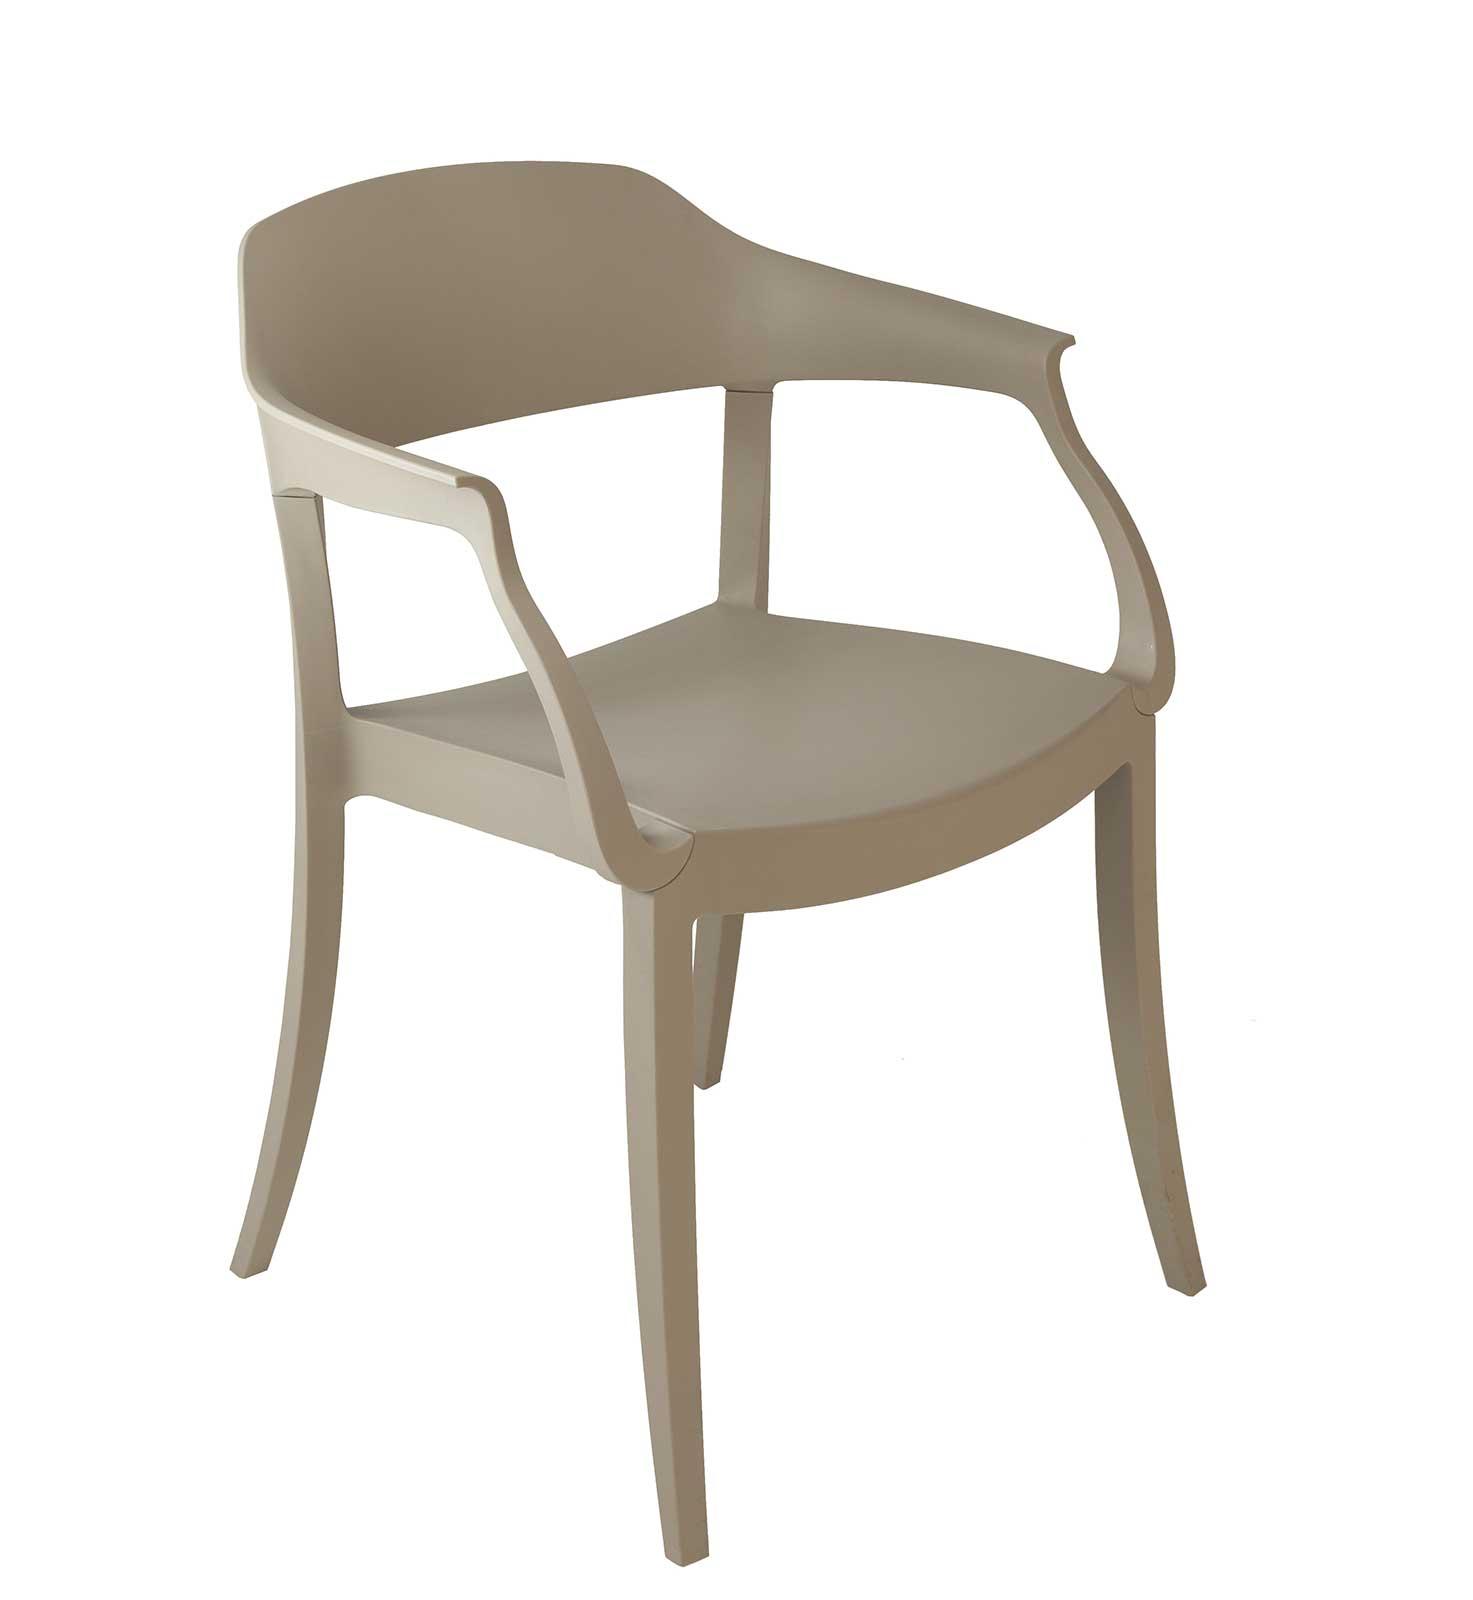 Sedie design usate sedie con le ruote per la scrivania - Sedia con braccioli ikea ...